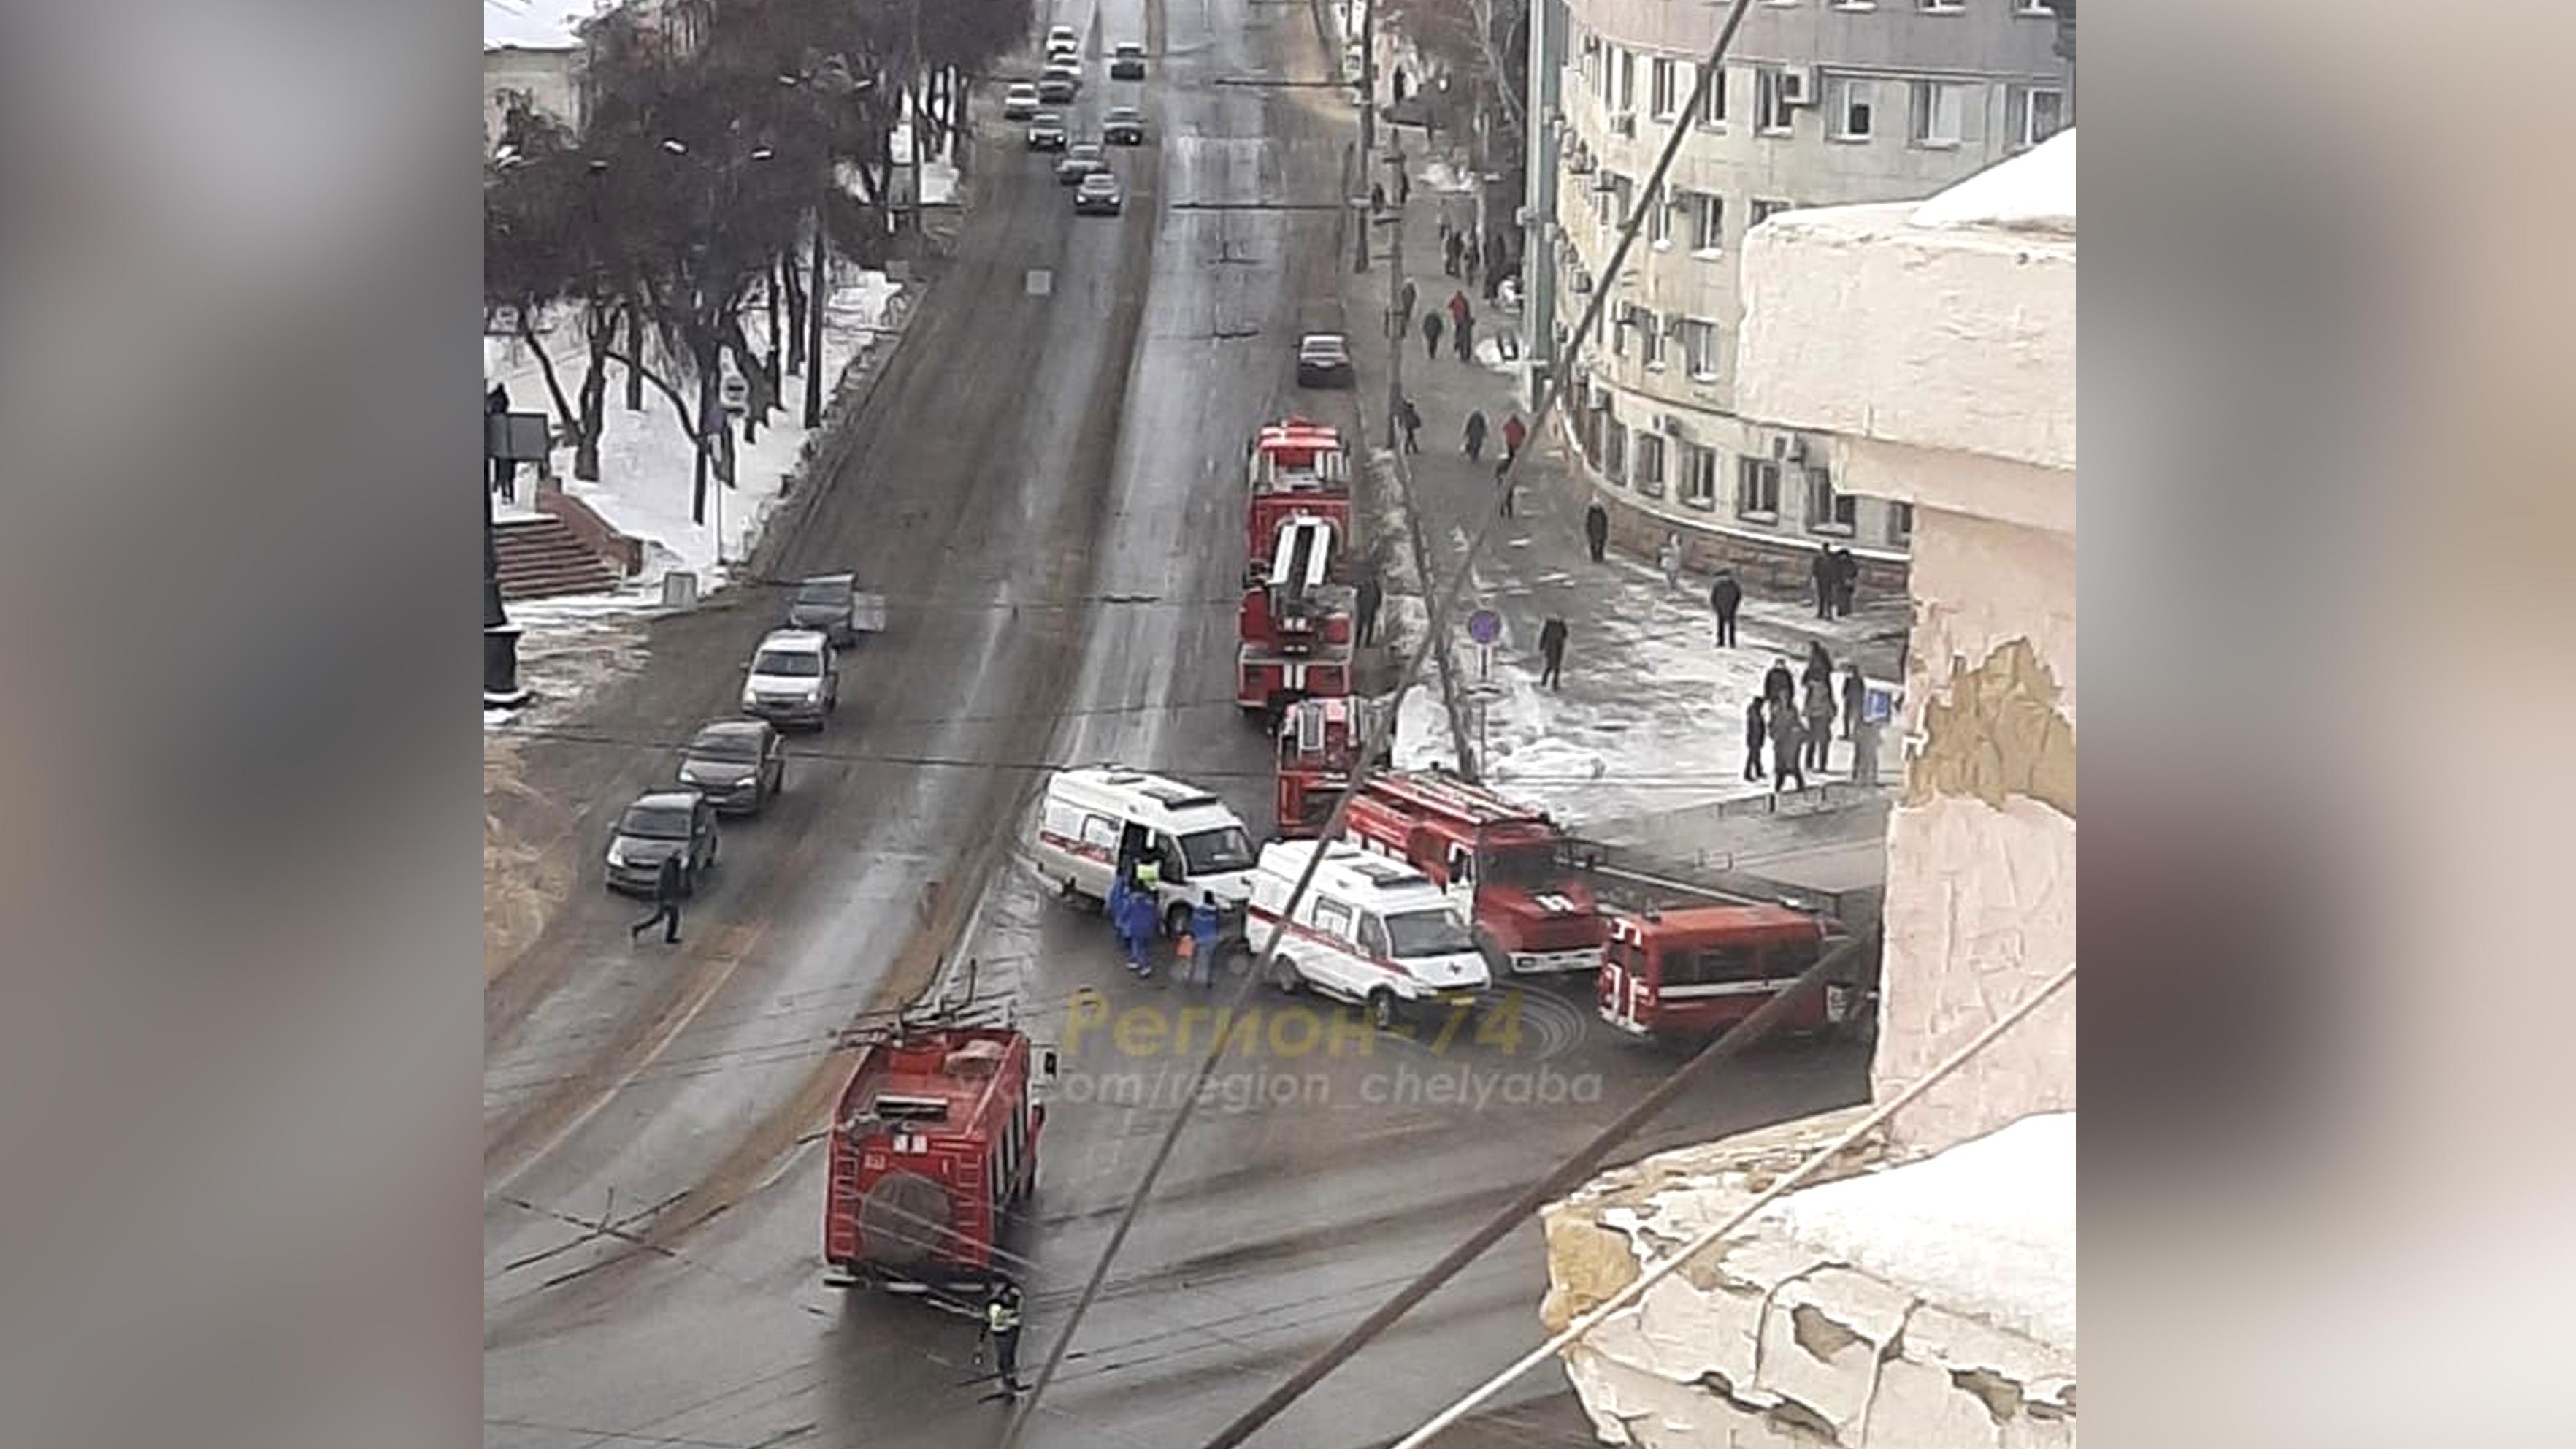 В центре Челябинска раздался взрыв, есть пострадавший. Взрыв в Челябинске